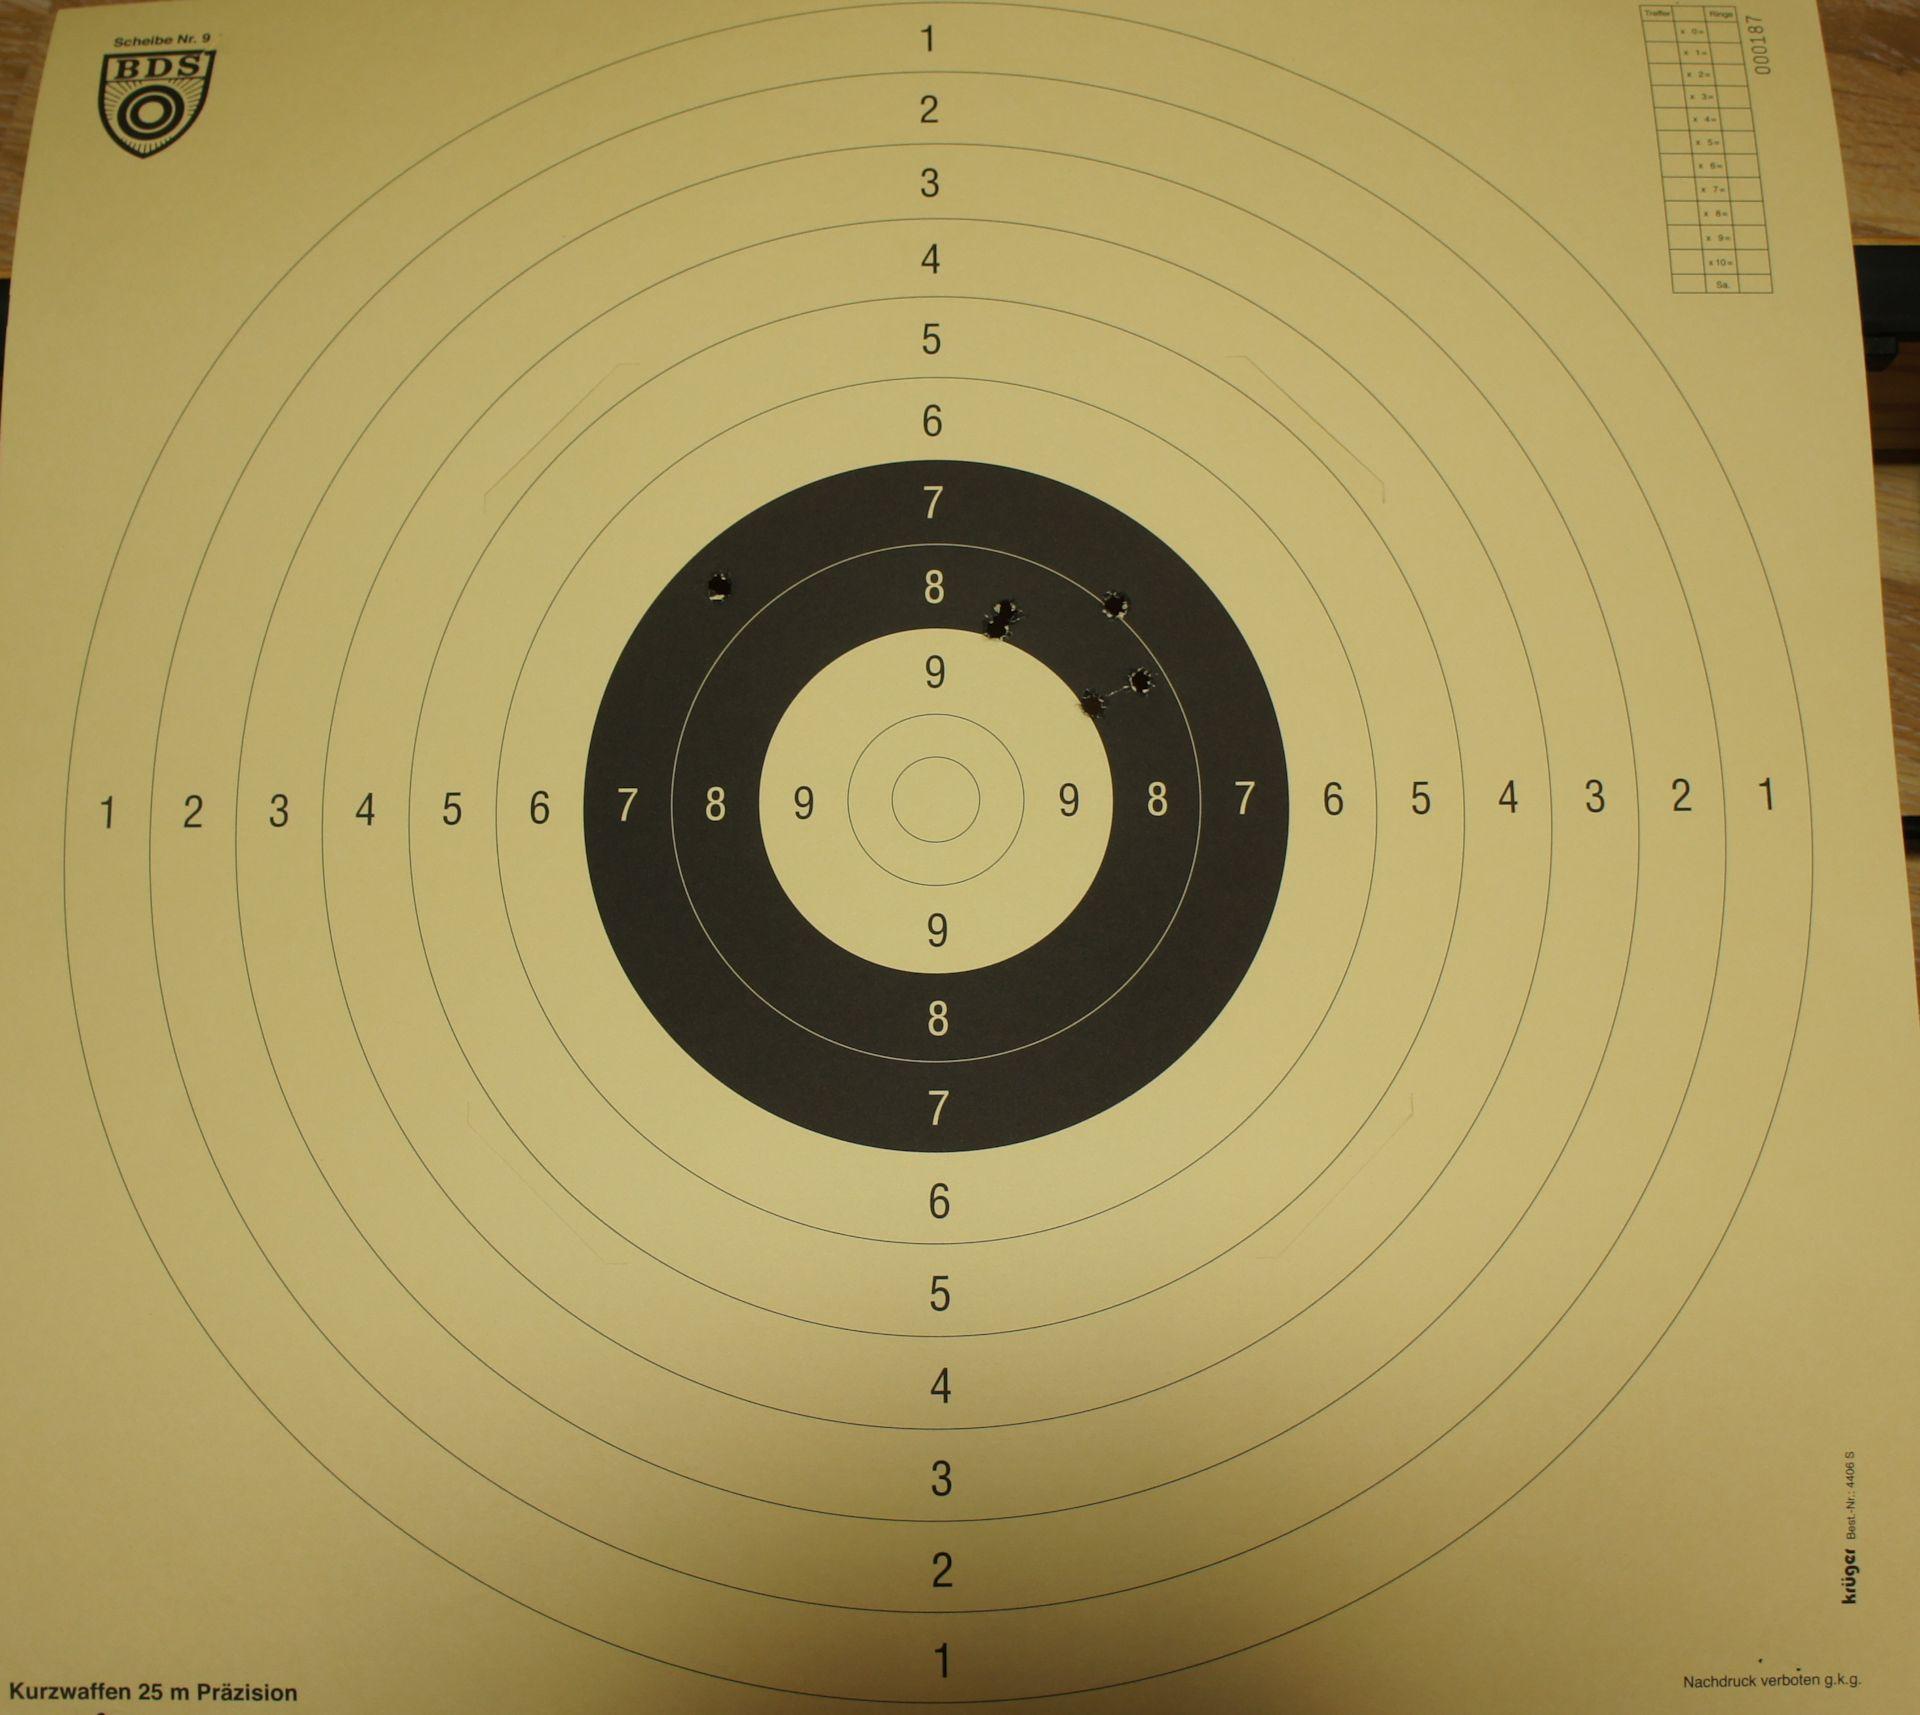 So sieht die Scheibe in Originalgröße für das 25m Kurzwaffenschießen aus. Diese Scheibe wurde mit einem Korth Revolver, Modell Sky Marshal im Kaliber 9mm Parabellum beschossen.